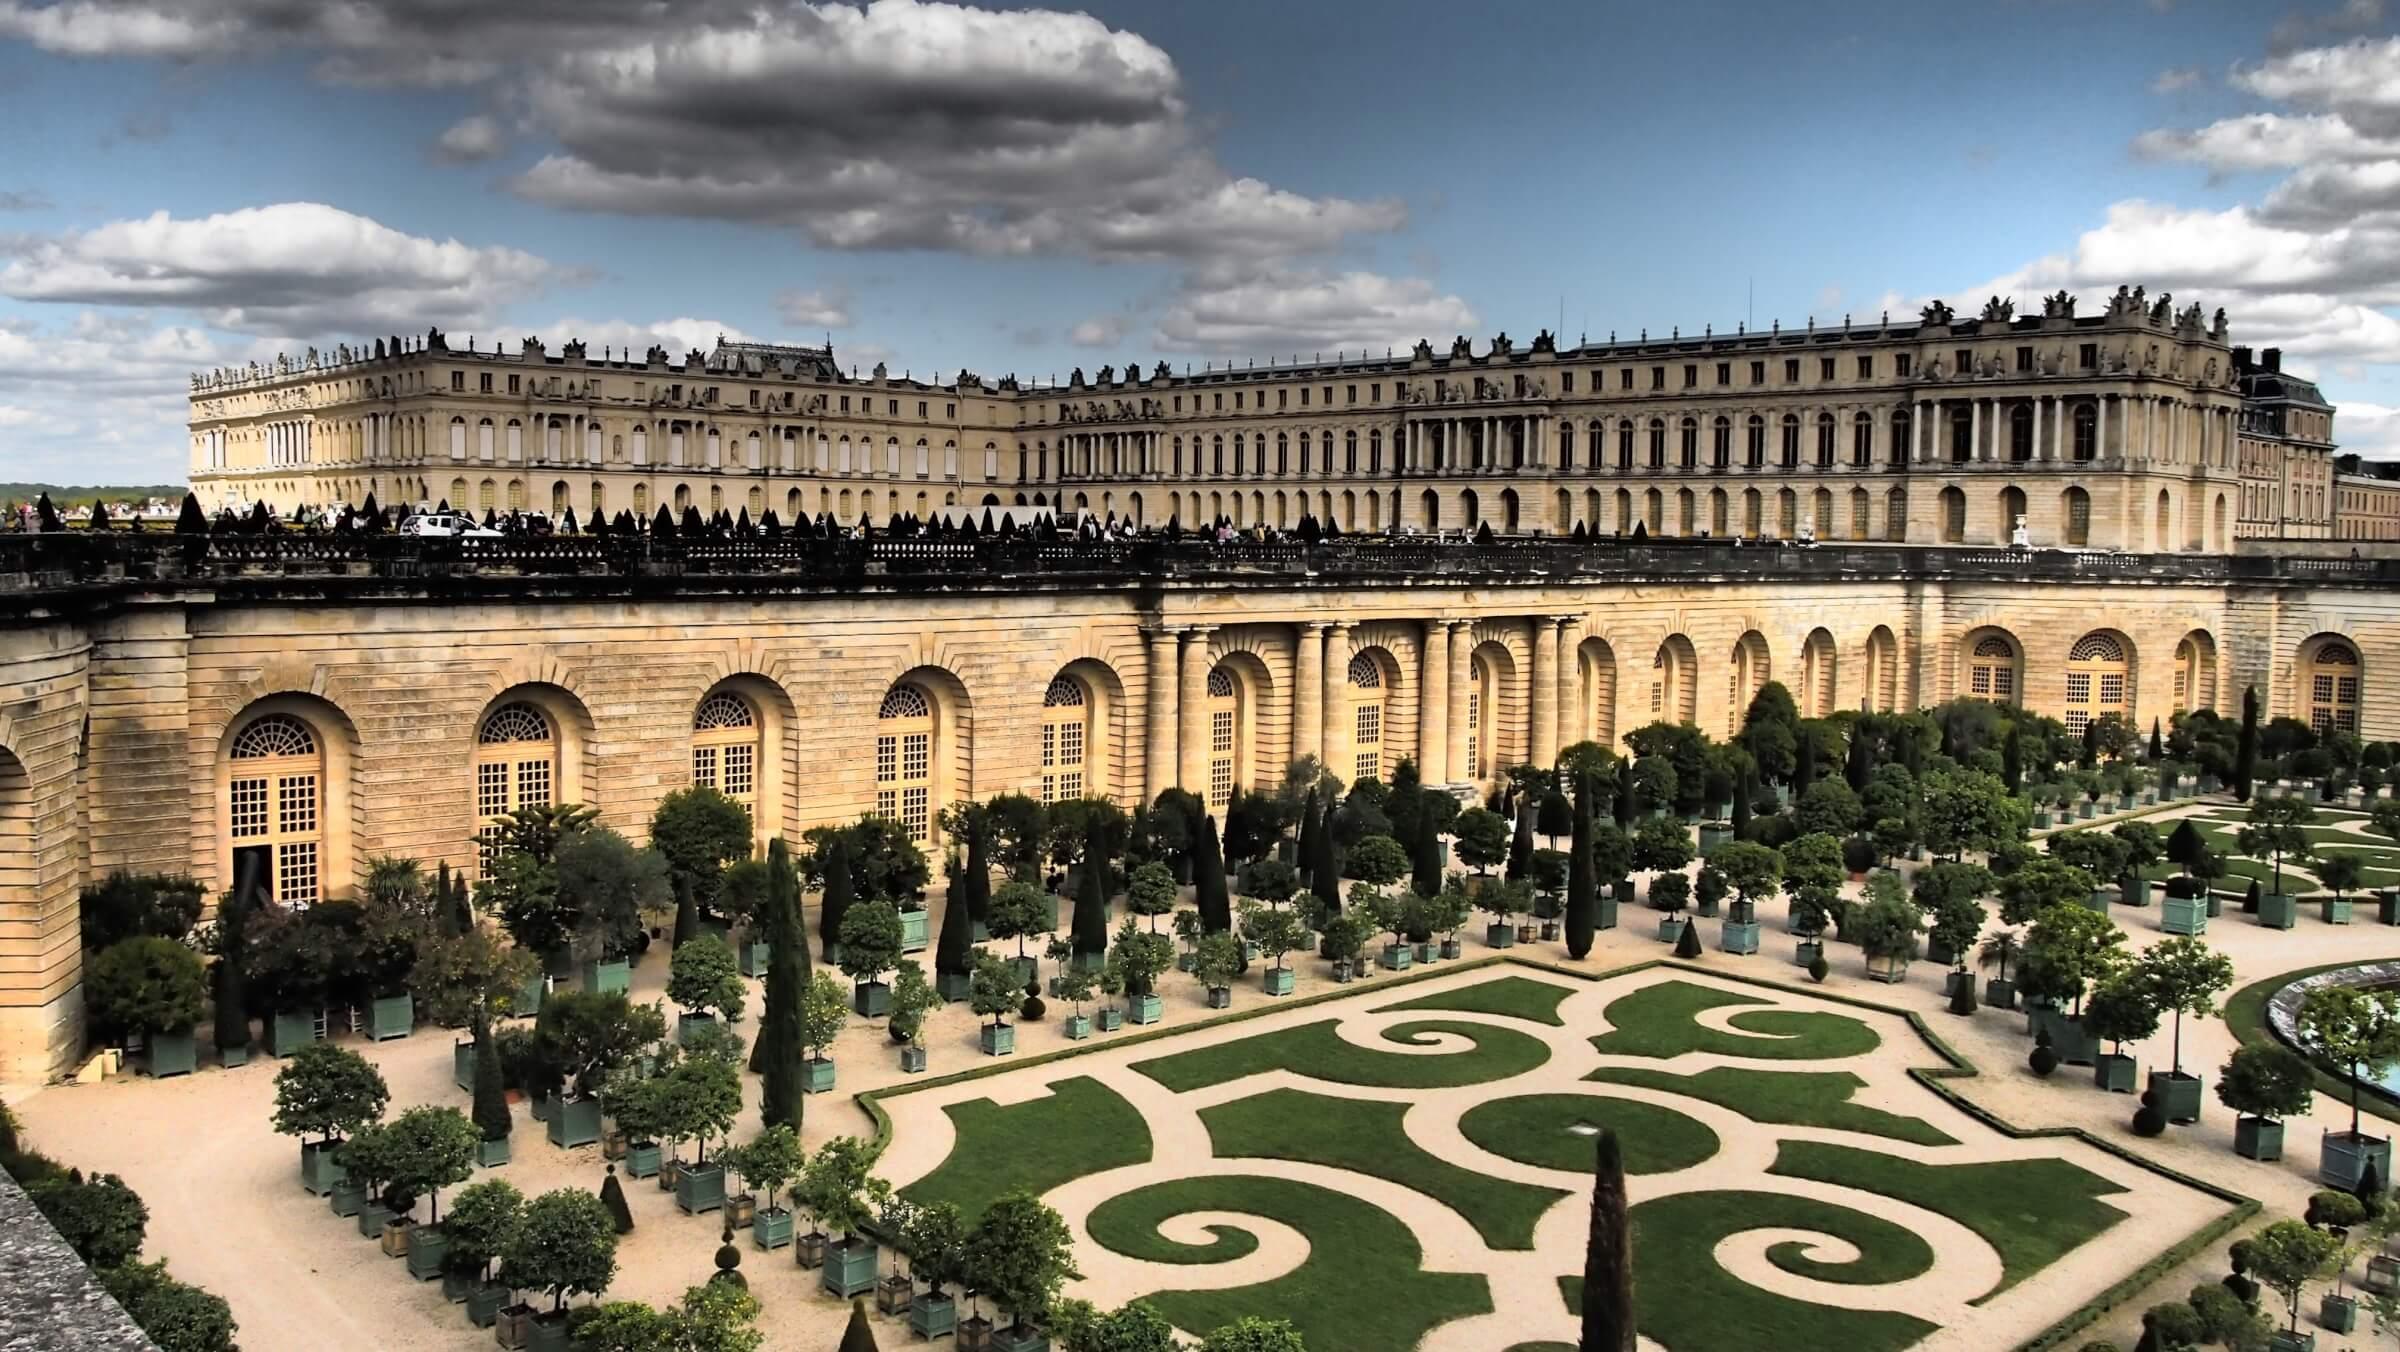 Sehenswurdigkeiten Frankreich Die 13 Schonsten Sehenswurdigkeiten 2020 Das Reisemagazin Von Reiseschein De